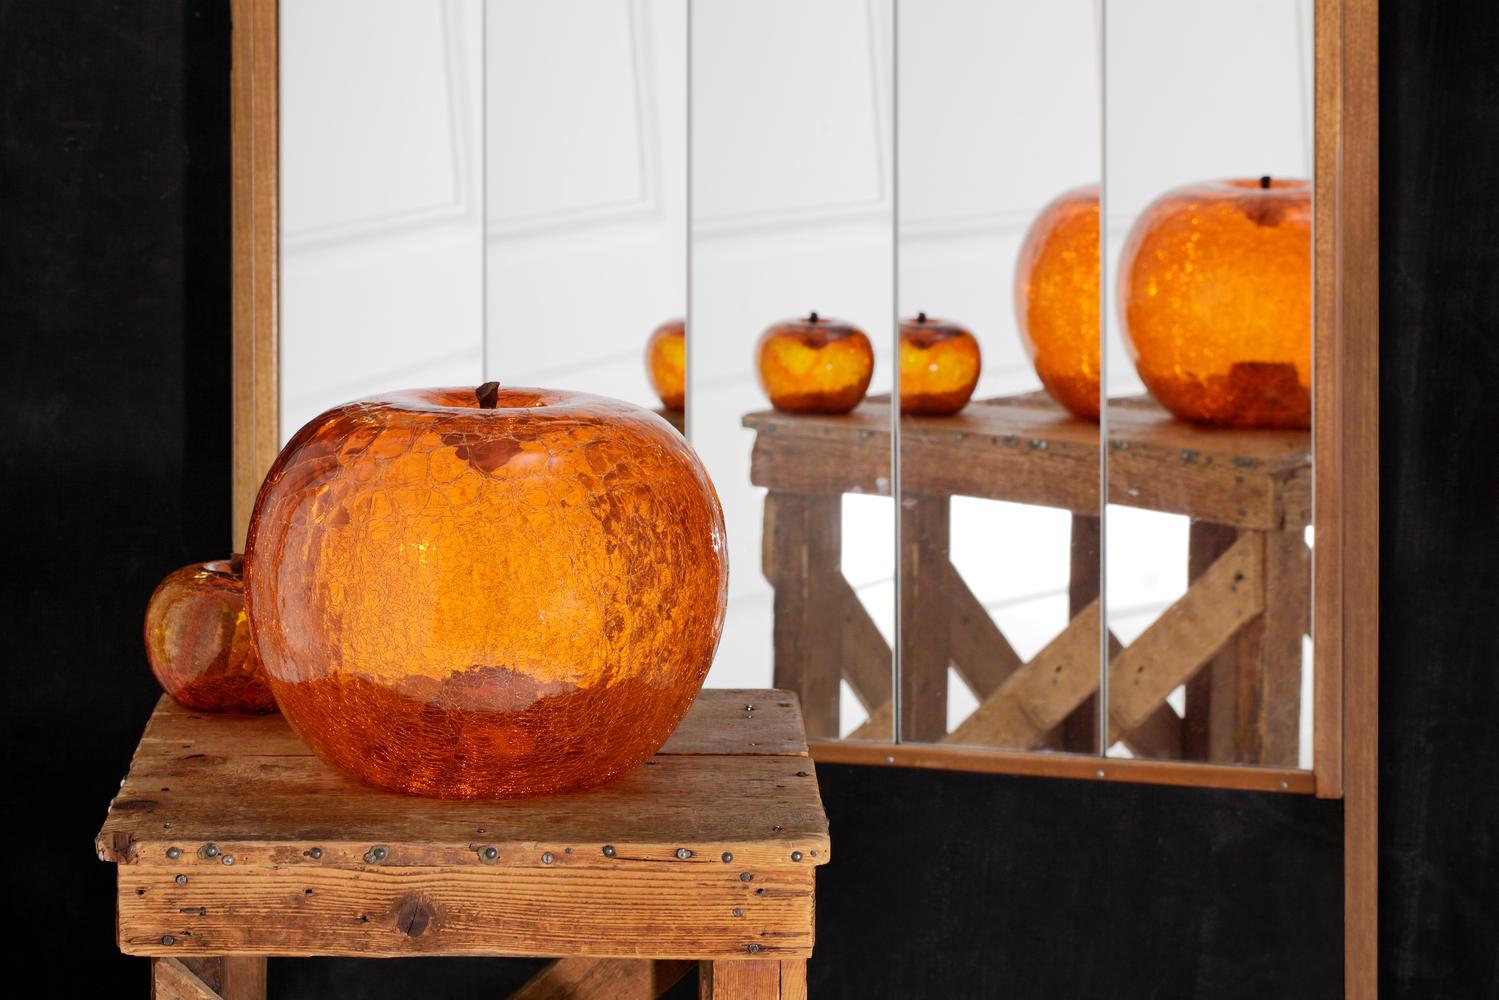 Amber Crackled apple sculpture